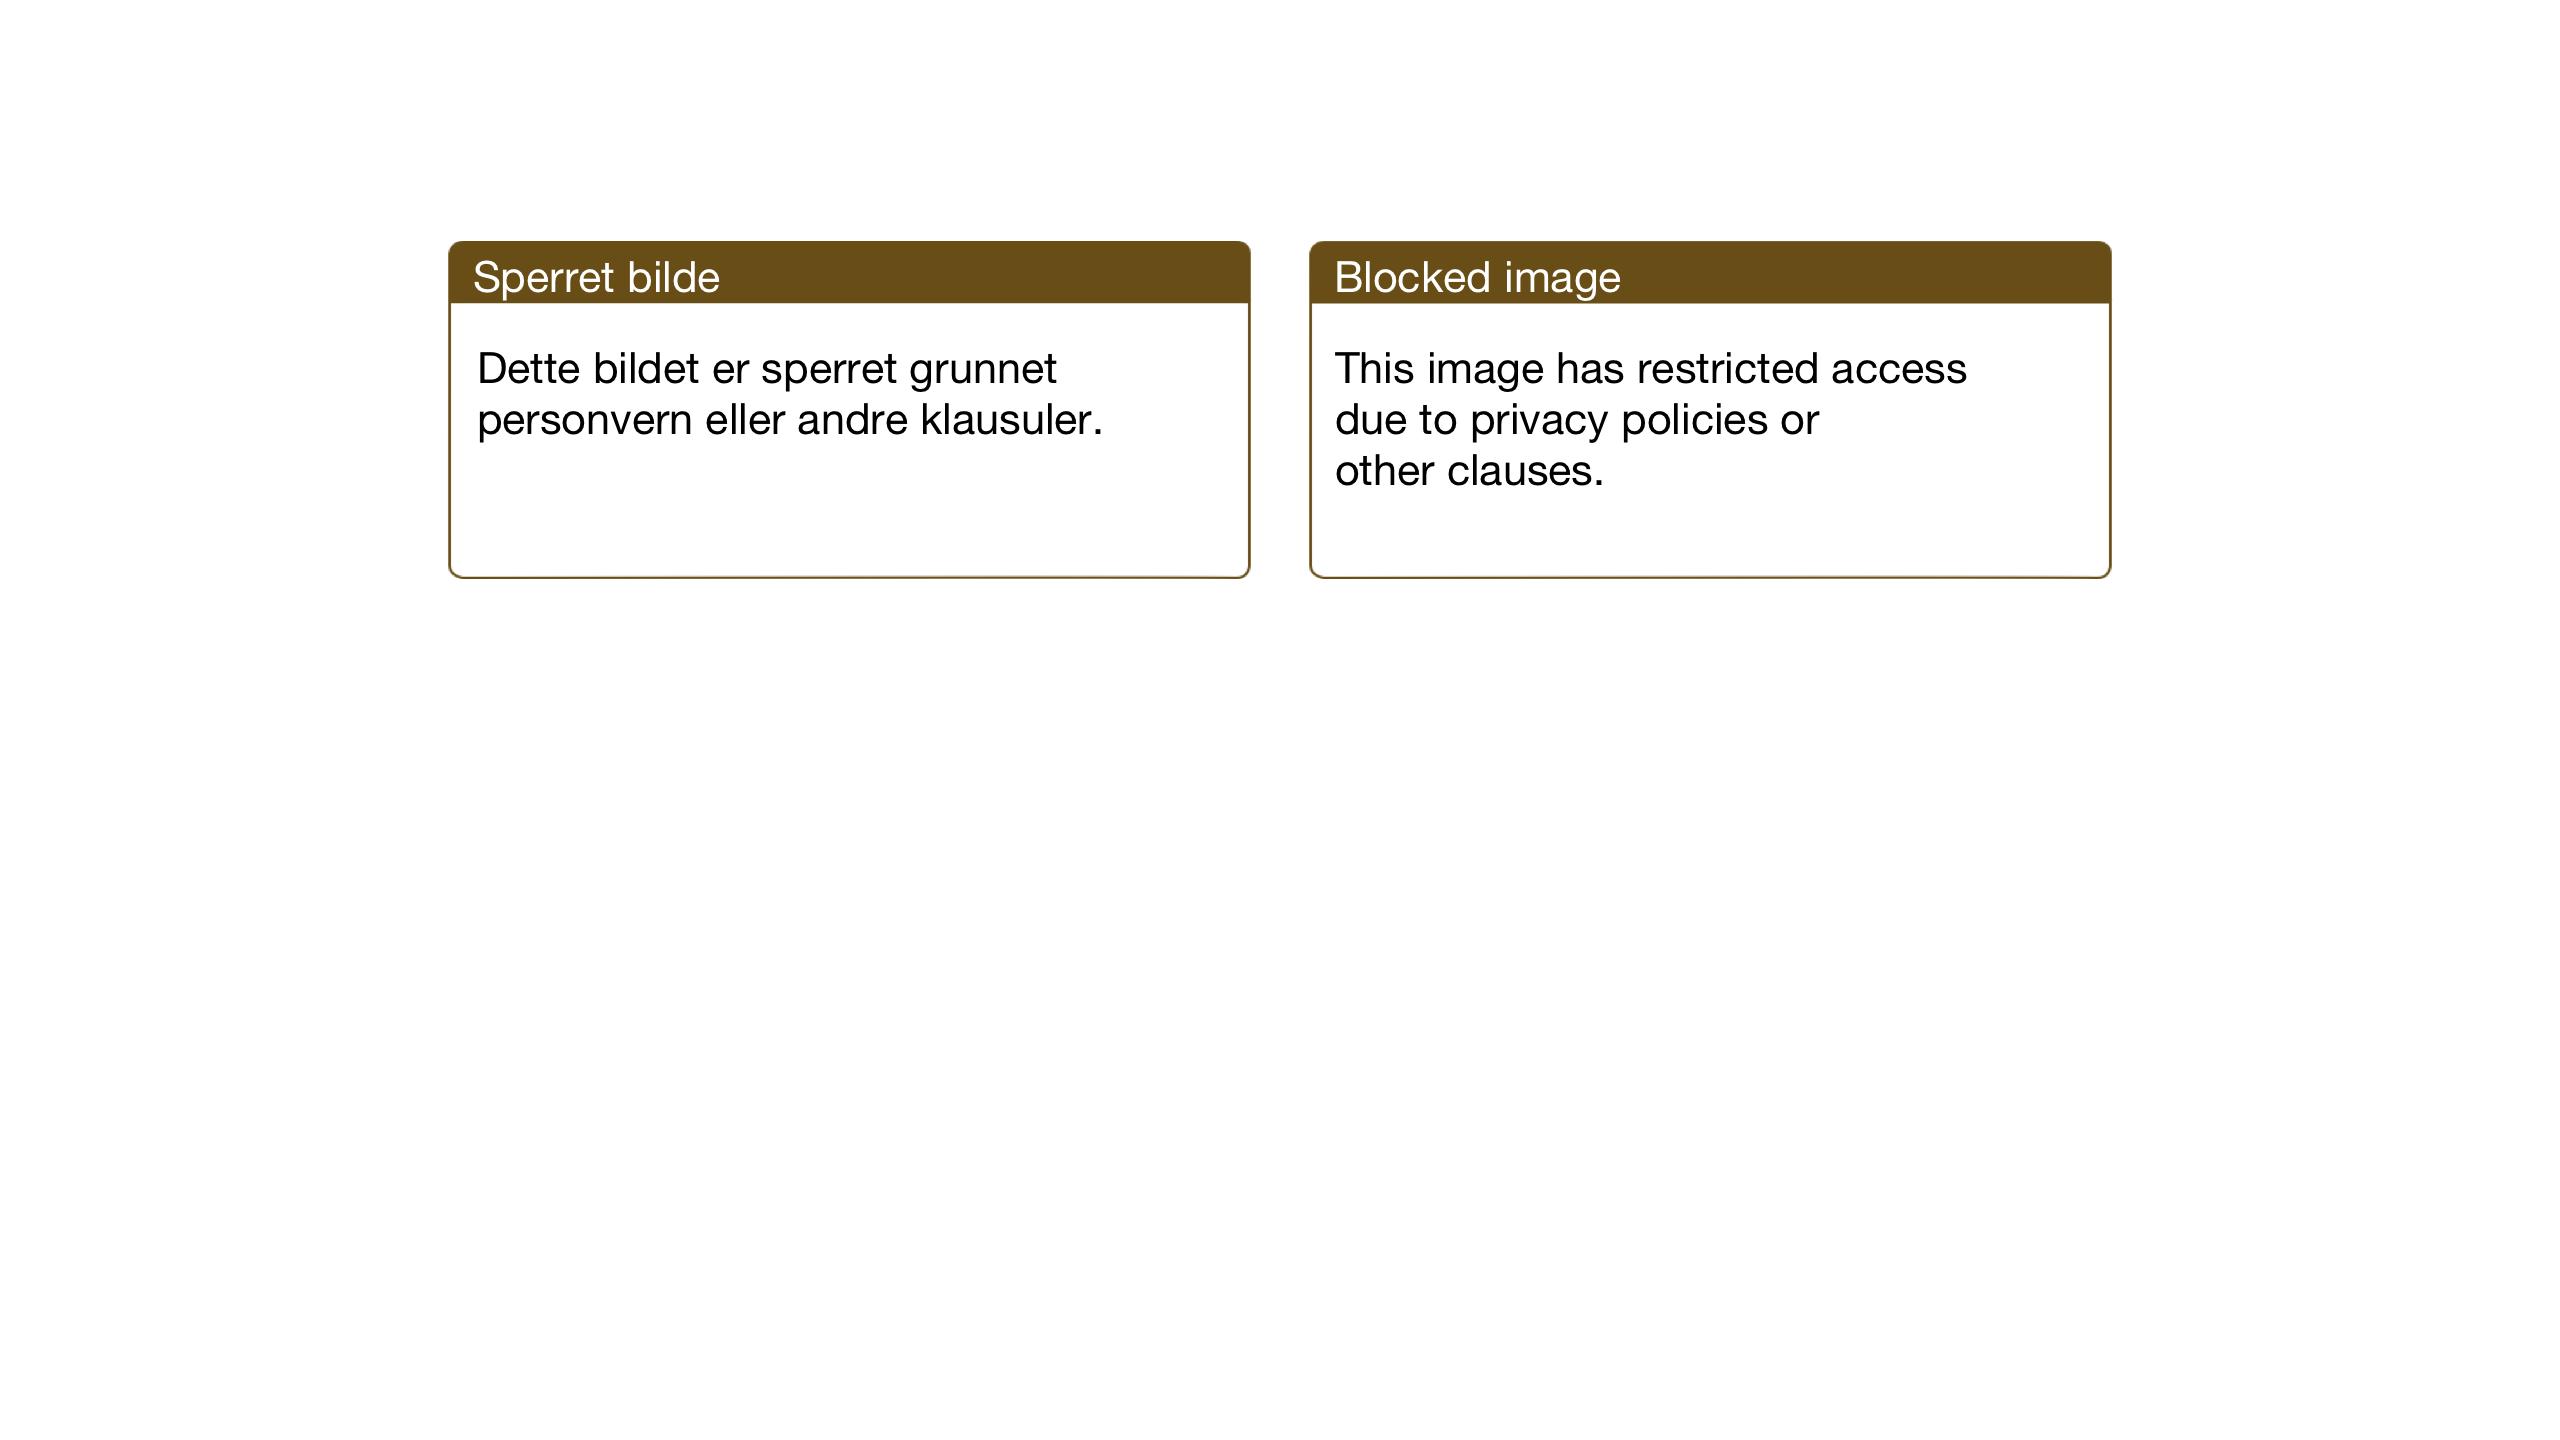 SAT, Ministerialprotokoller, klokkerbøker og fødselsregistre - Sør-Trøndelag, 602/L0151: Klokkerbok nr. 602C19, 1925-1951, s. 121